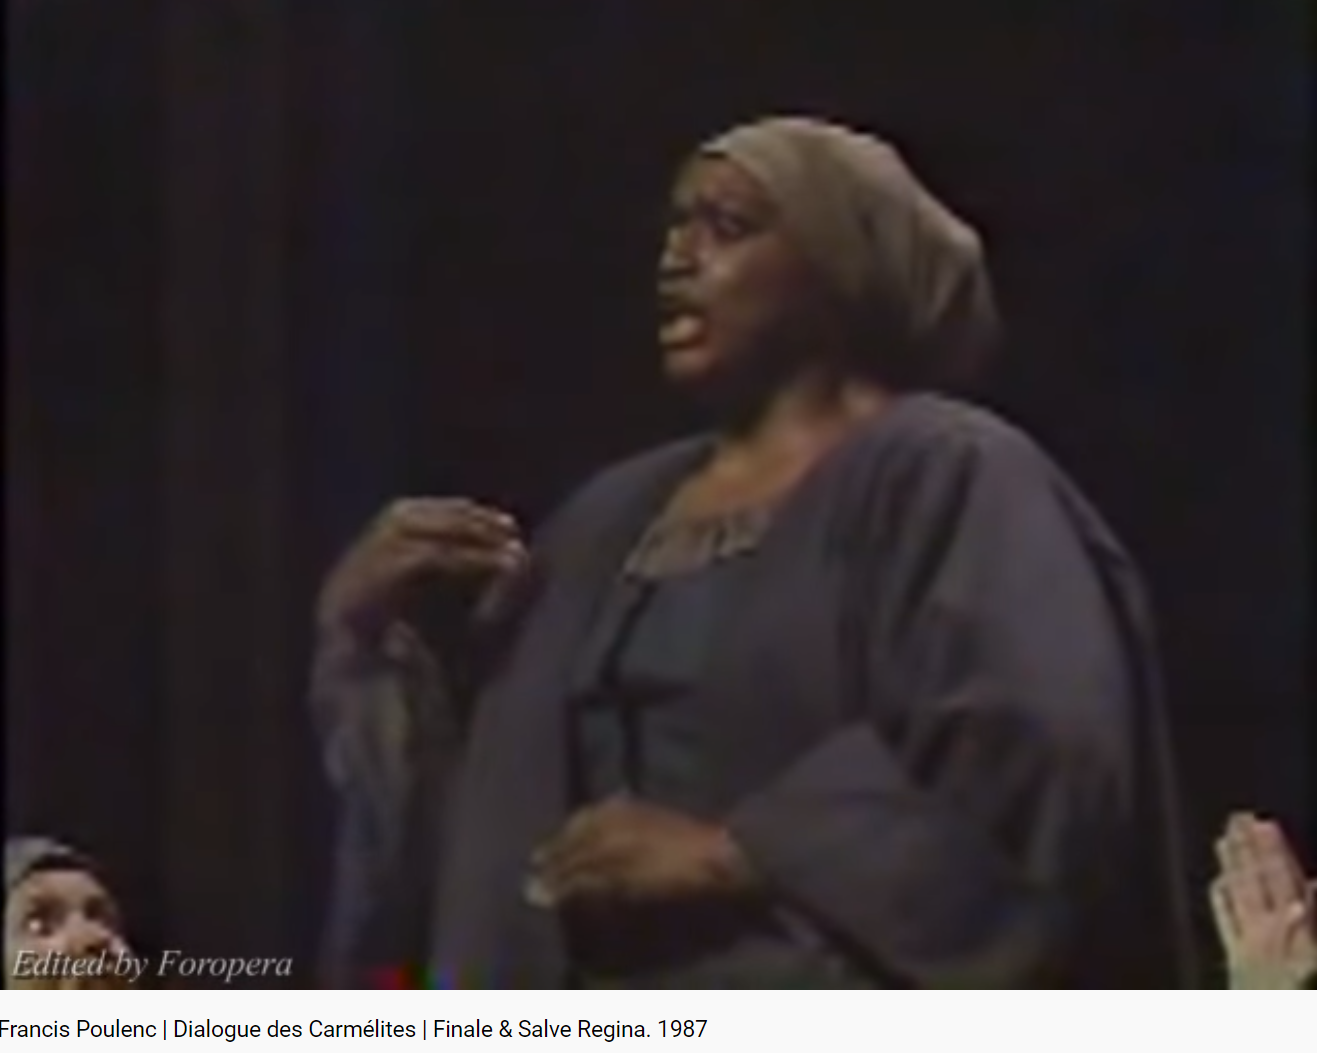 Poulenc Dialogue des Carmélites final et Salve Regina (MET 1987)